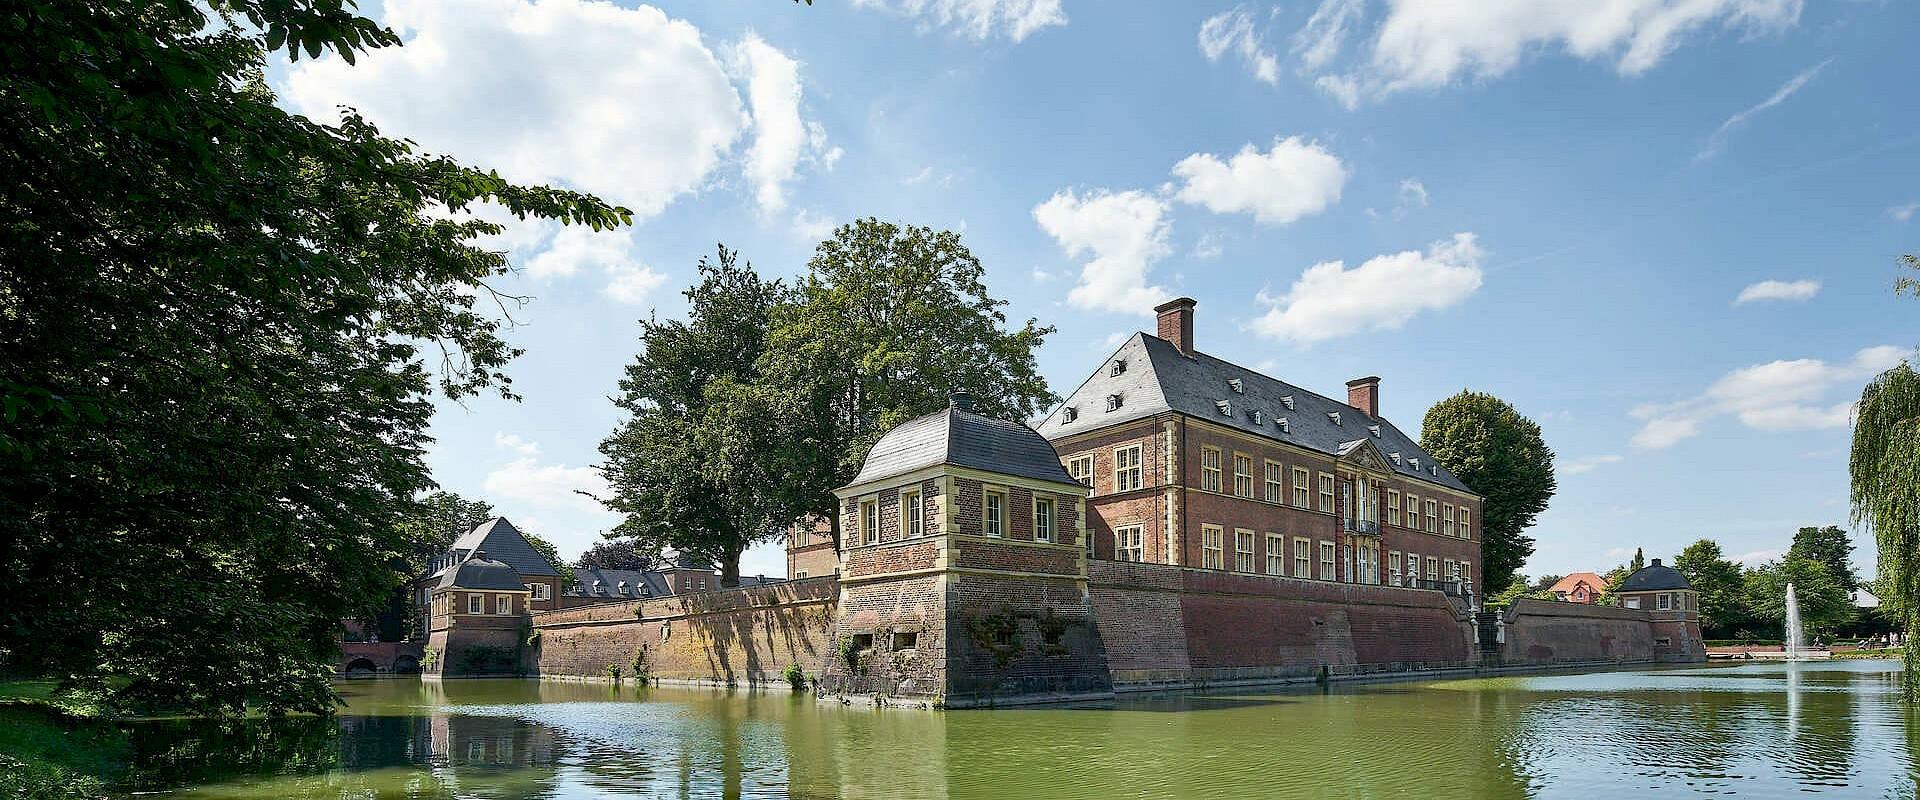 Schloss Ahaus 100 Schlösser Route